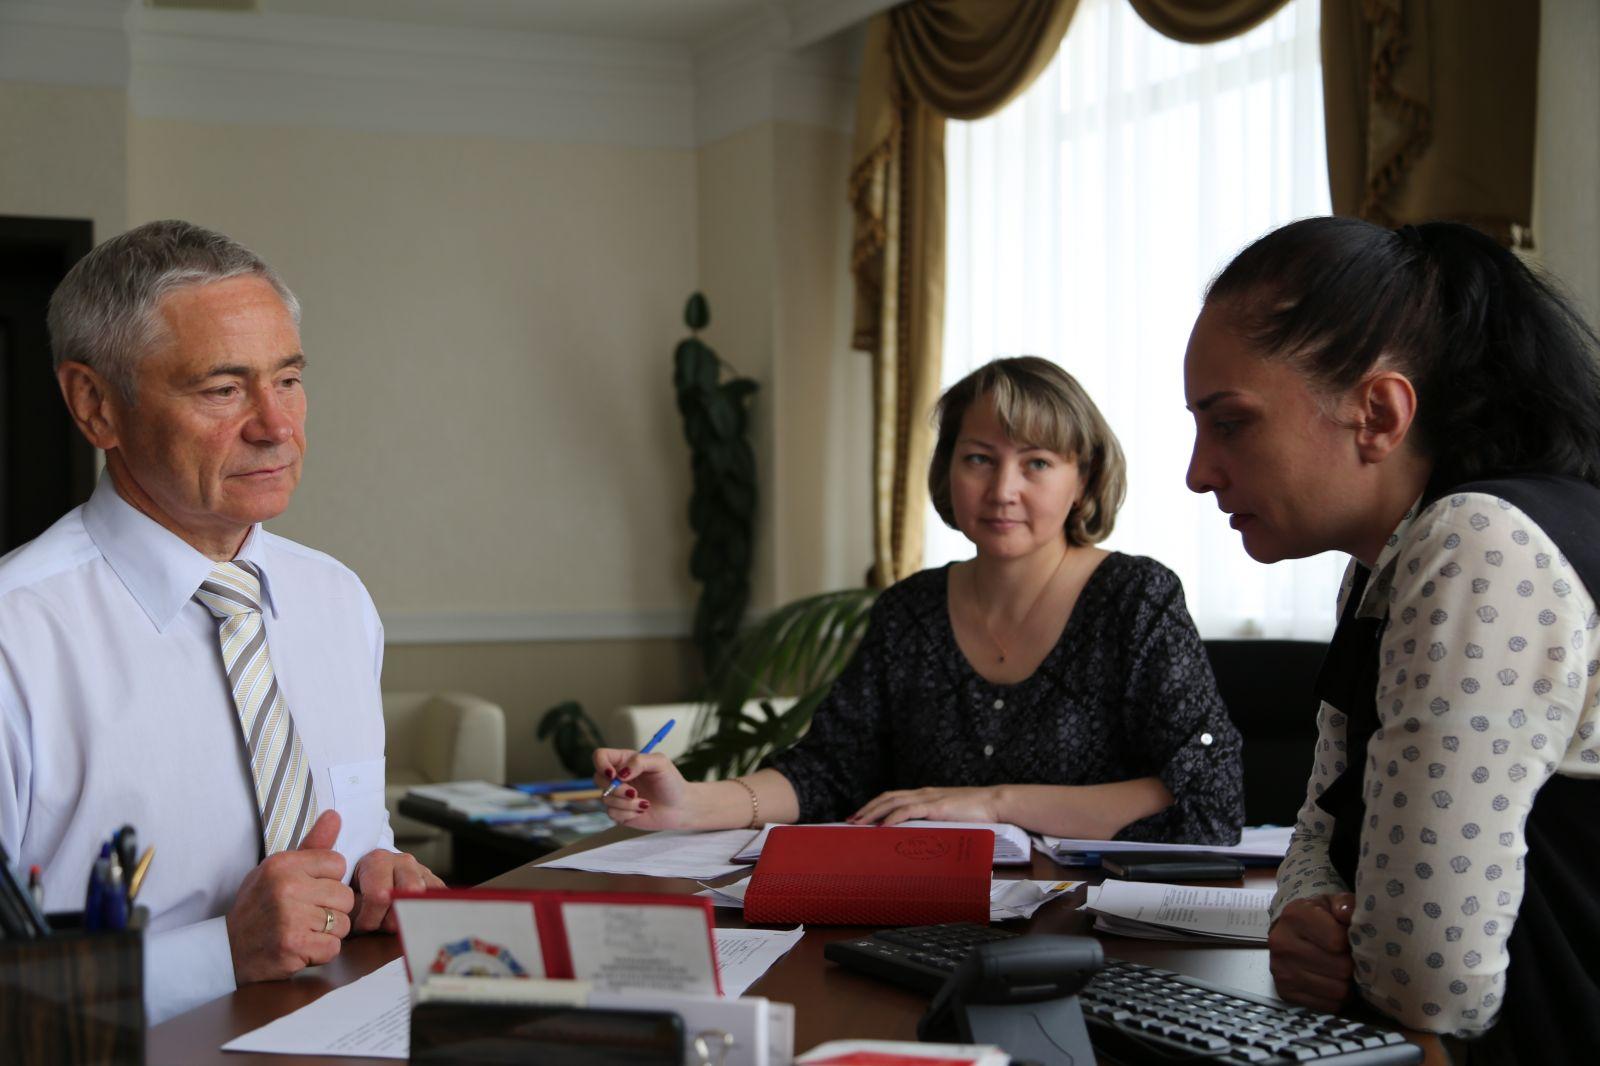 П.А. Рожков в офисе ПКР принял участие в селекторном совещании с президентом IWAS Руди Ван дель Аббеле и генеральным директором IWAS Шармейн Купер